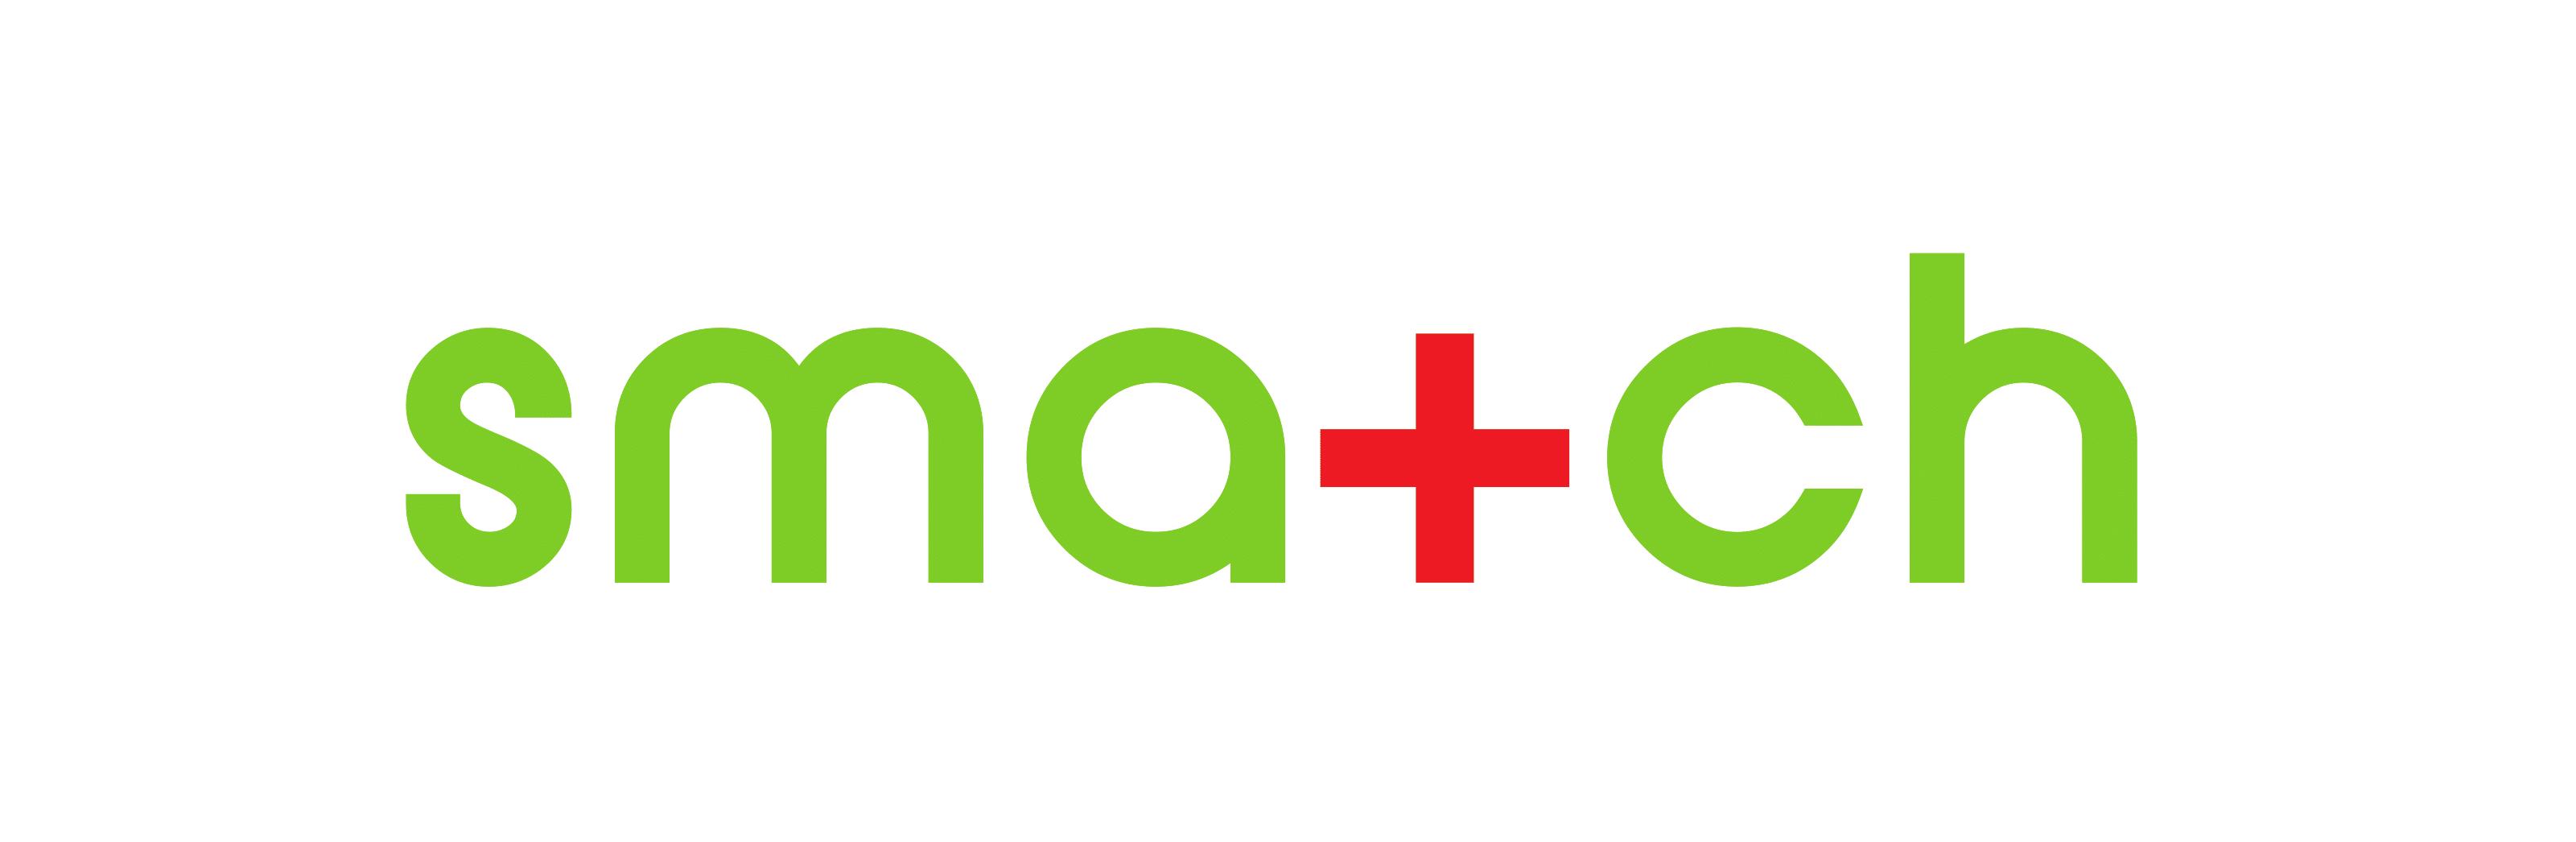 Smatch - grande distribution - partenaire CAP48